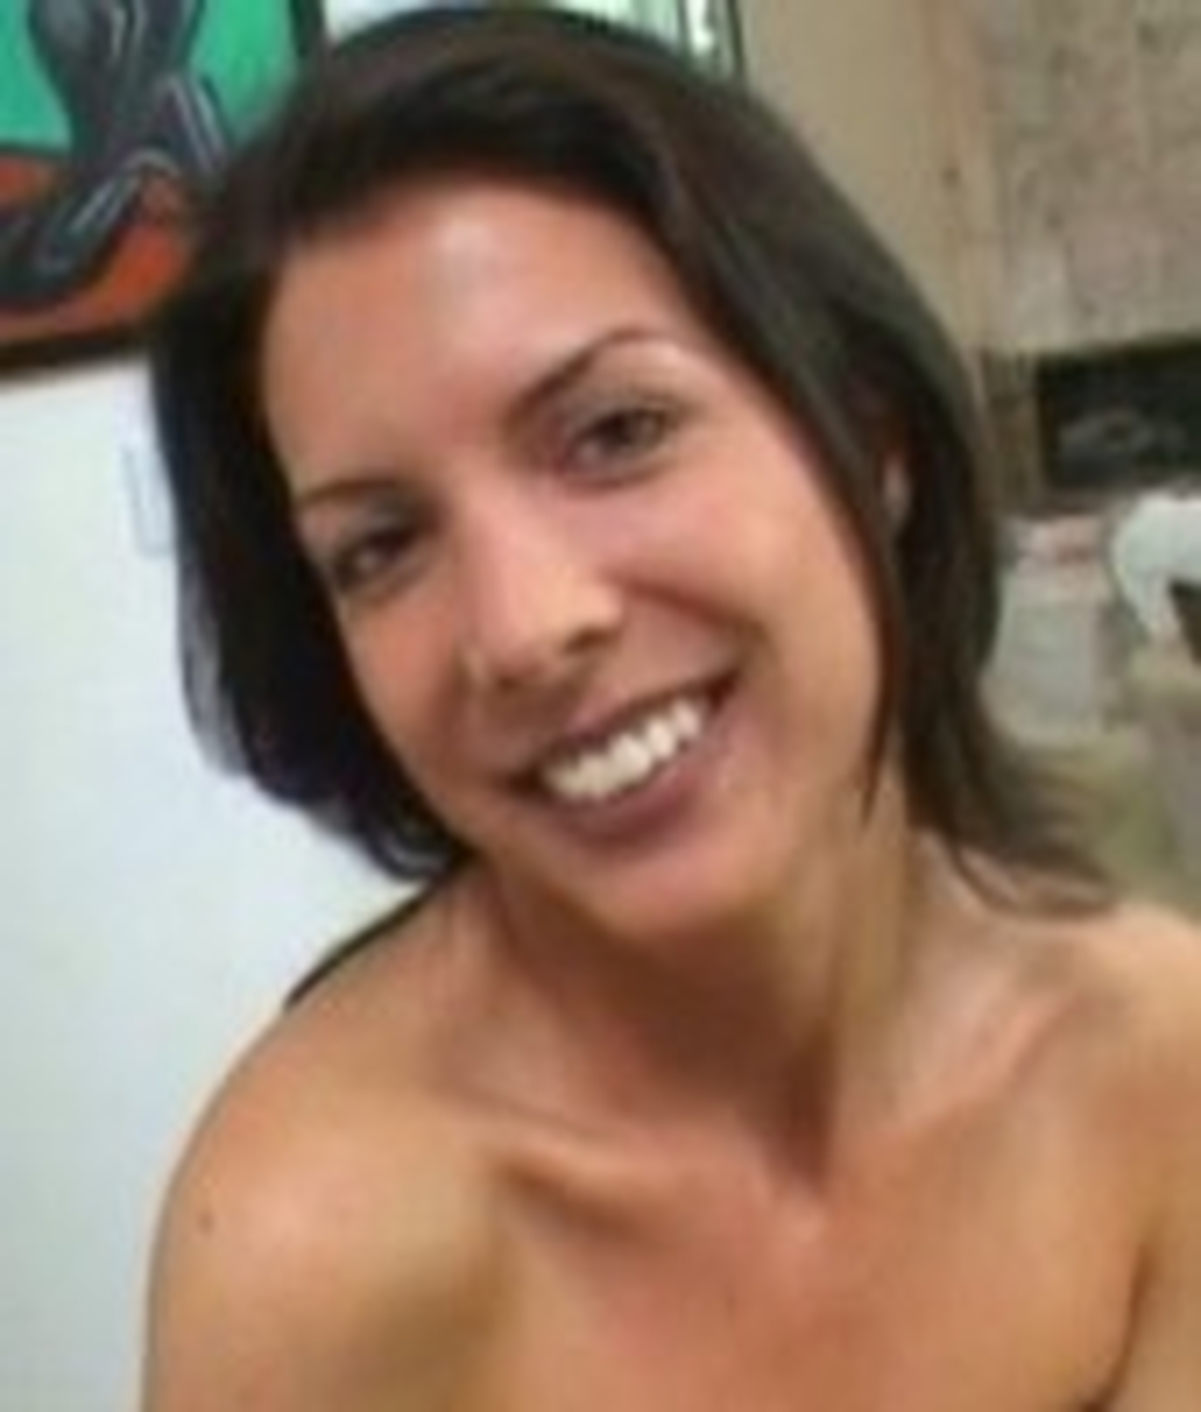 Celine Maxima